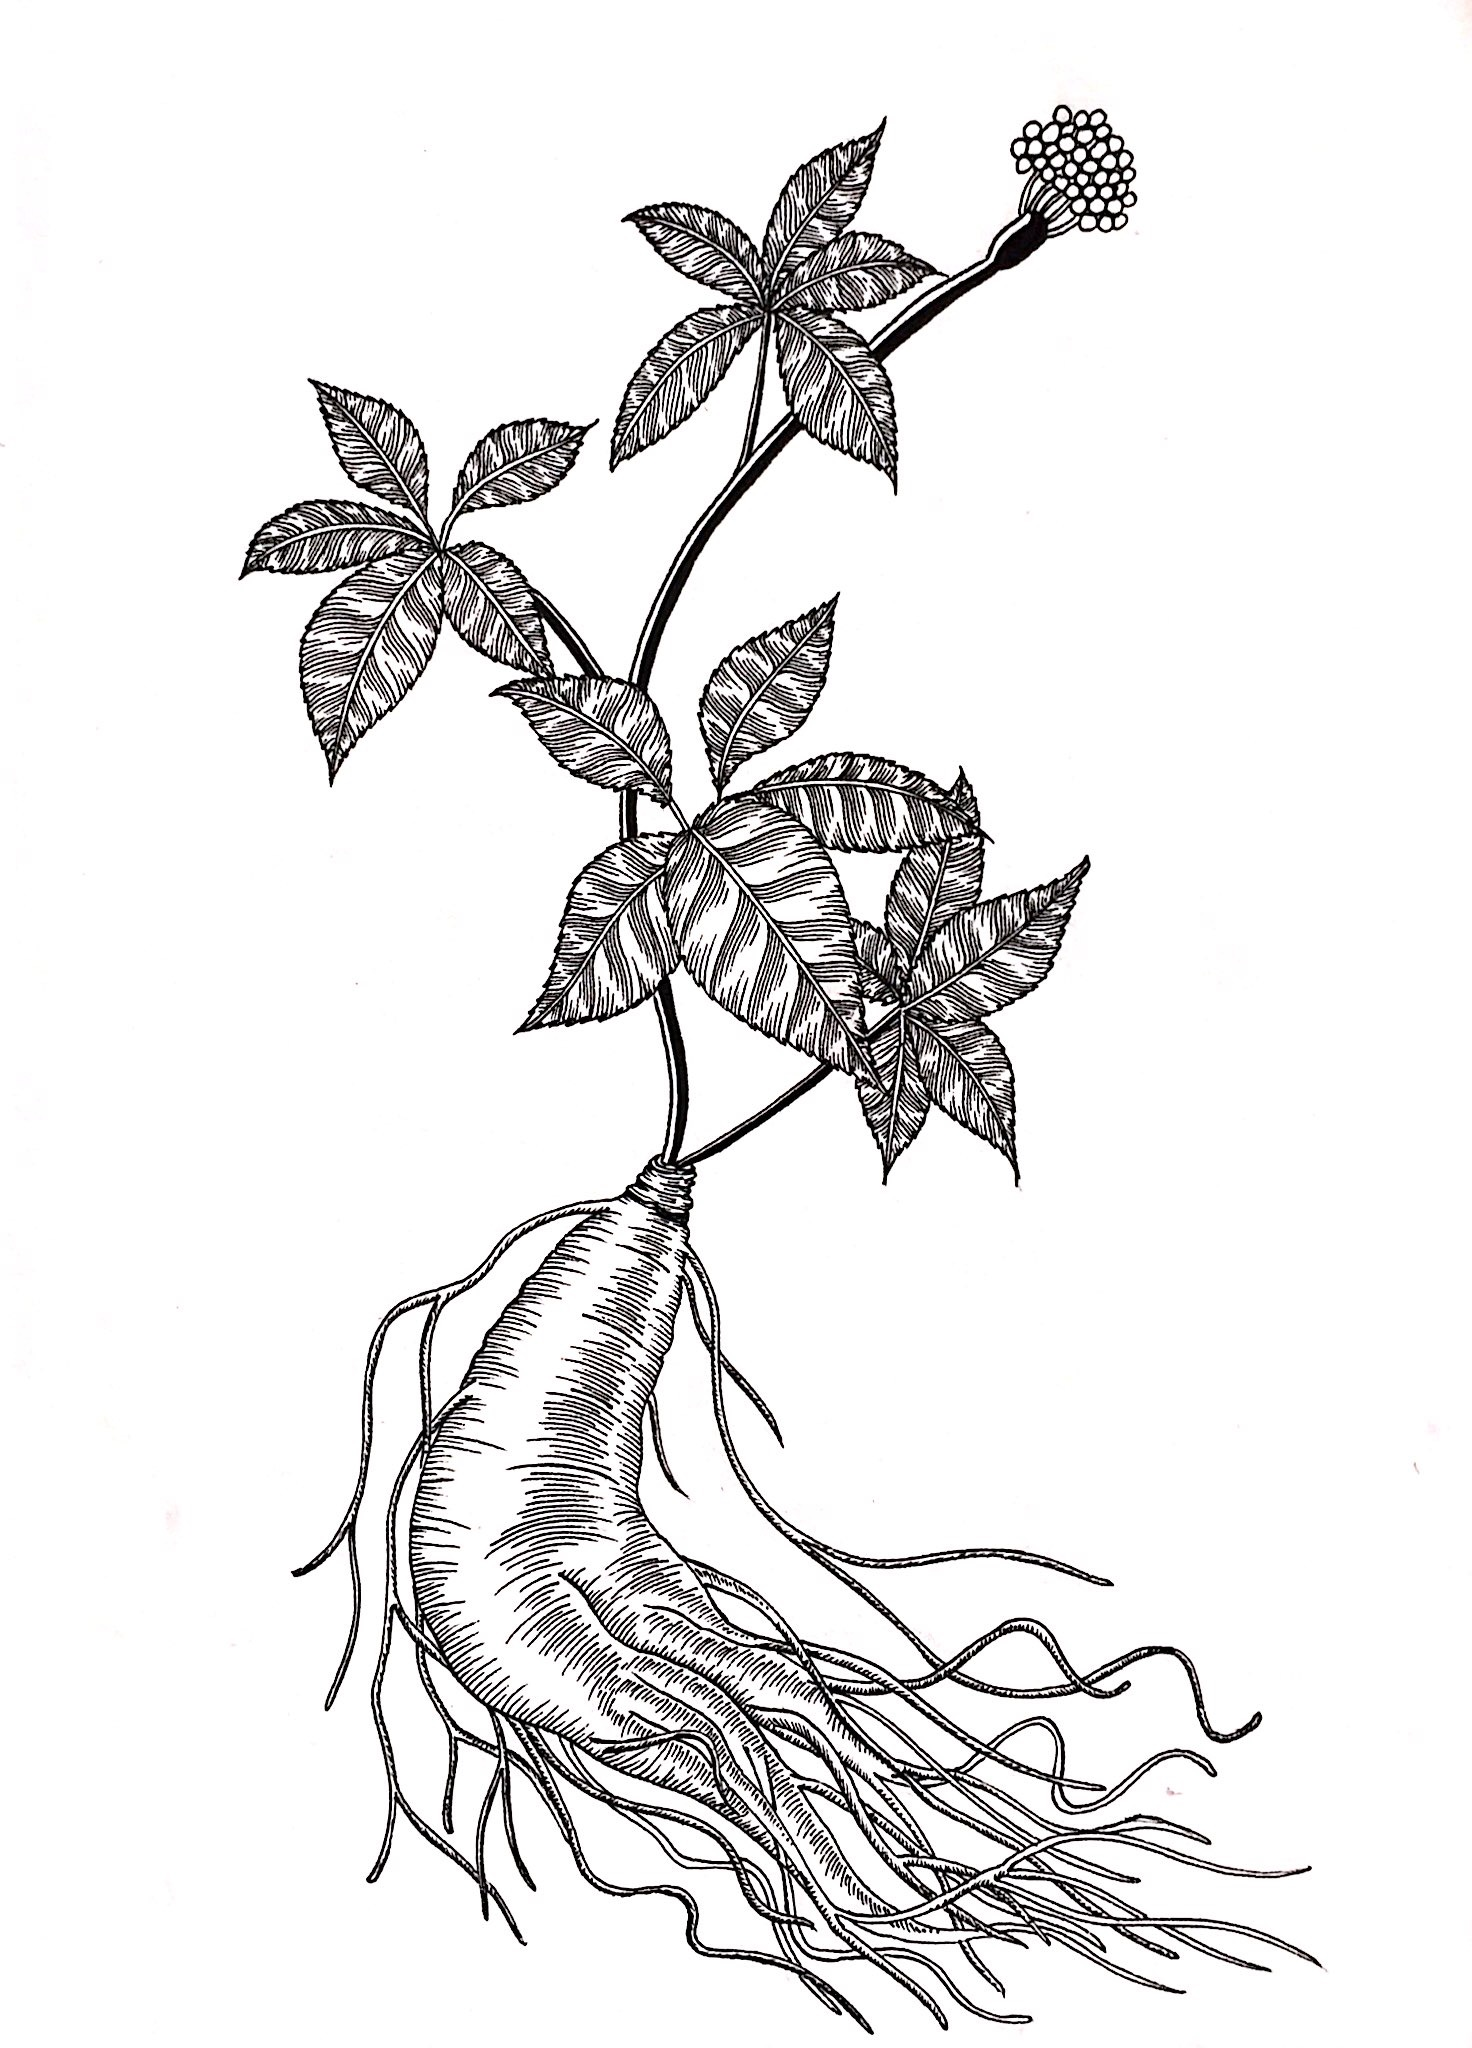 黑白植物线描装饰画_植物线描装饰画_植物线描装饰画分享展示